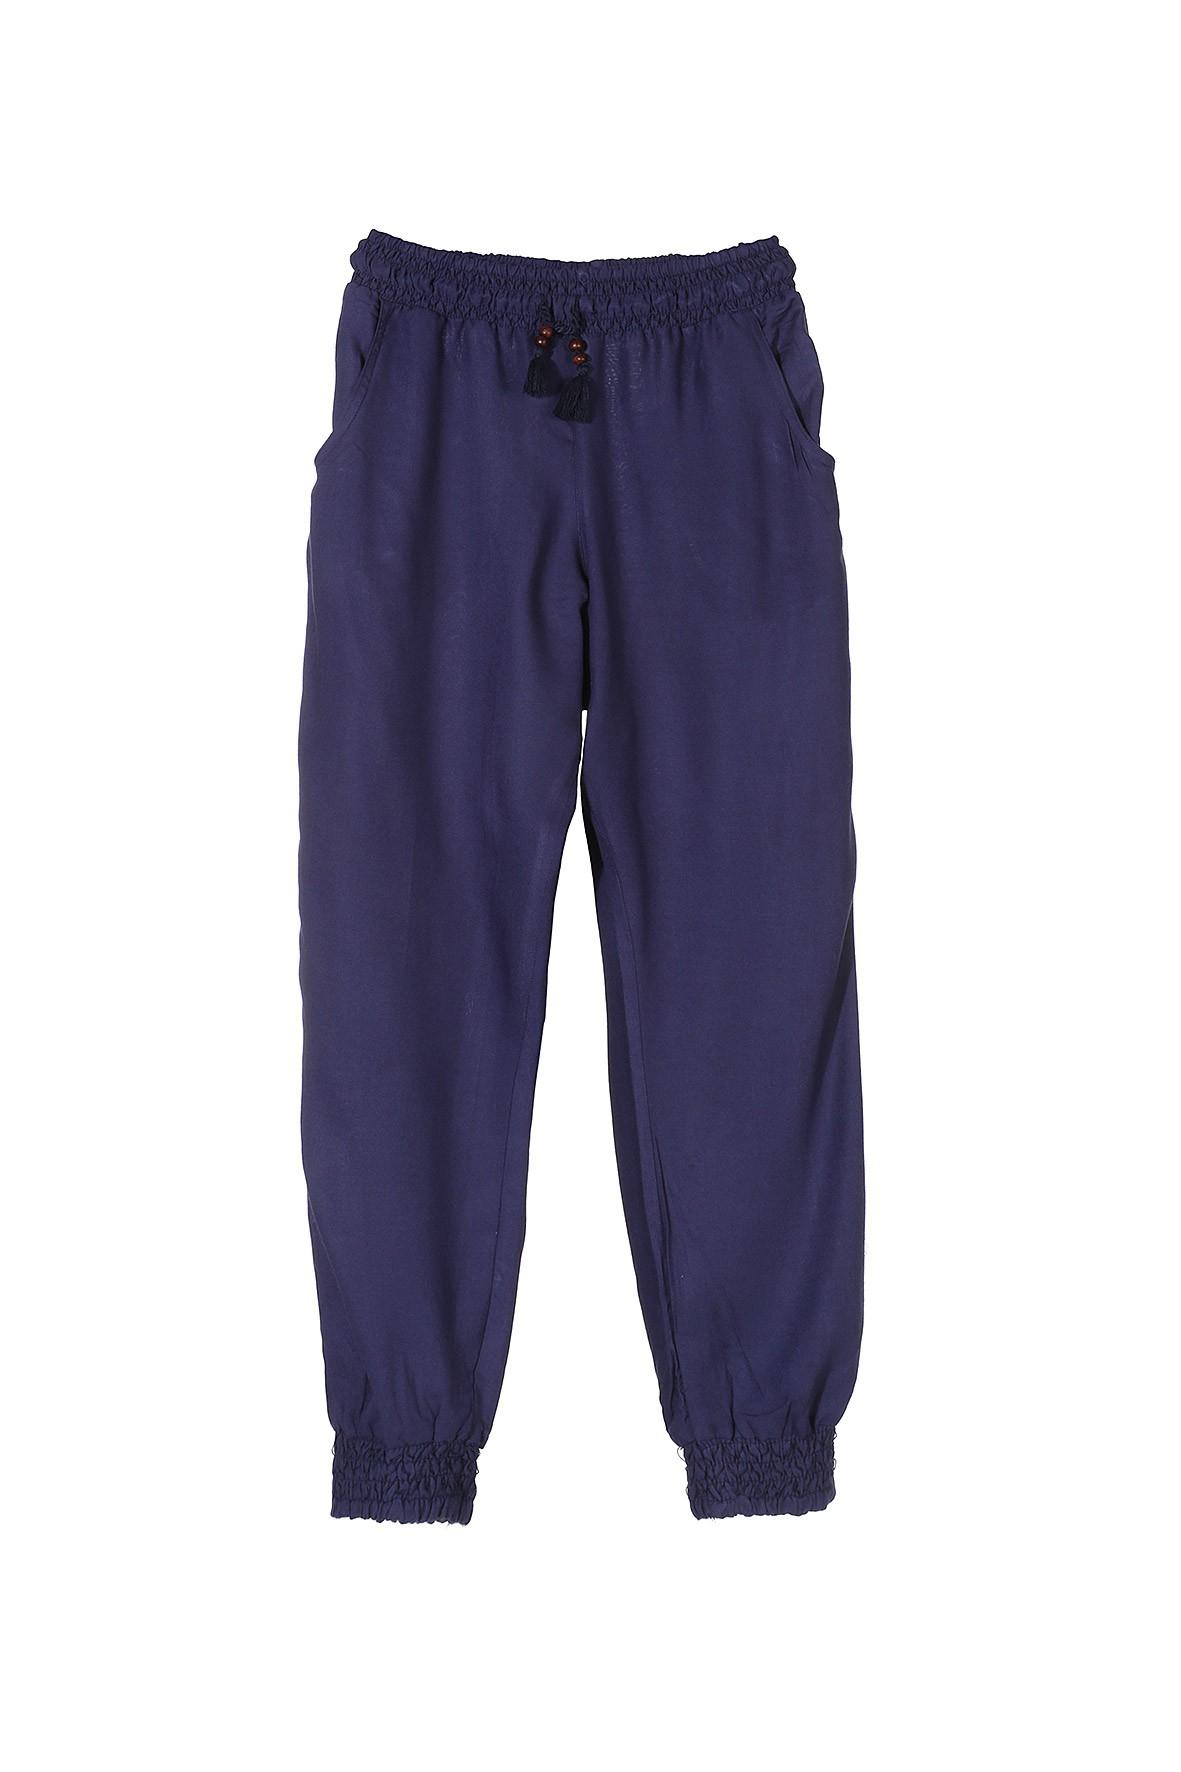 Spodnie dziewczęce 4L3010